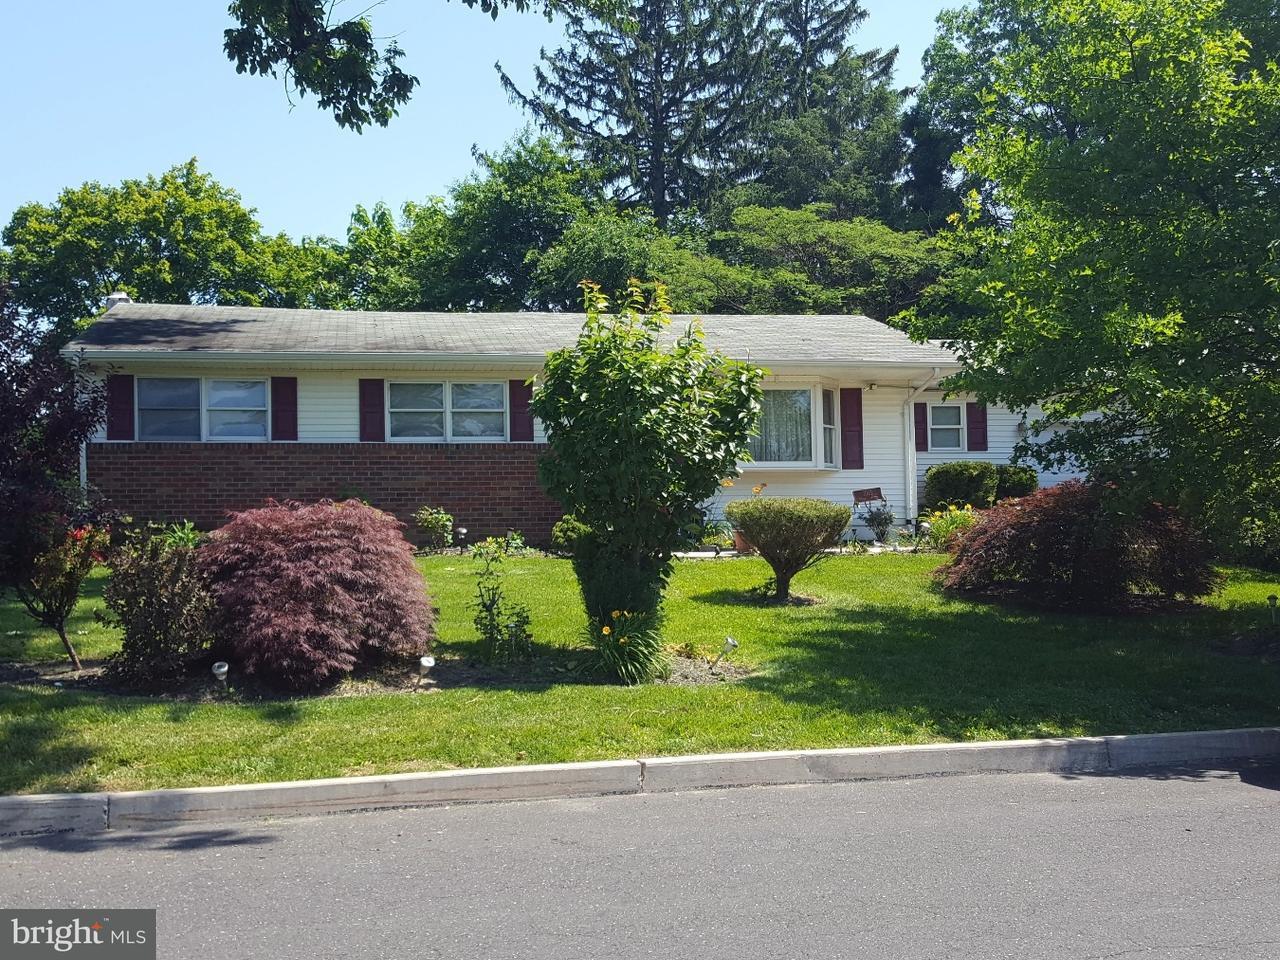 Частный односемейный дом для того Продажа на 3101 SUMMIT Avenue Upper Dublin, Пенсильвания 19038 Соединенные Штаты